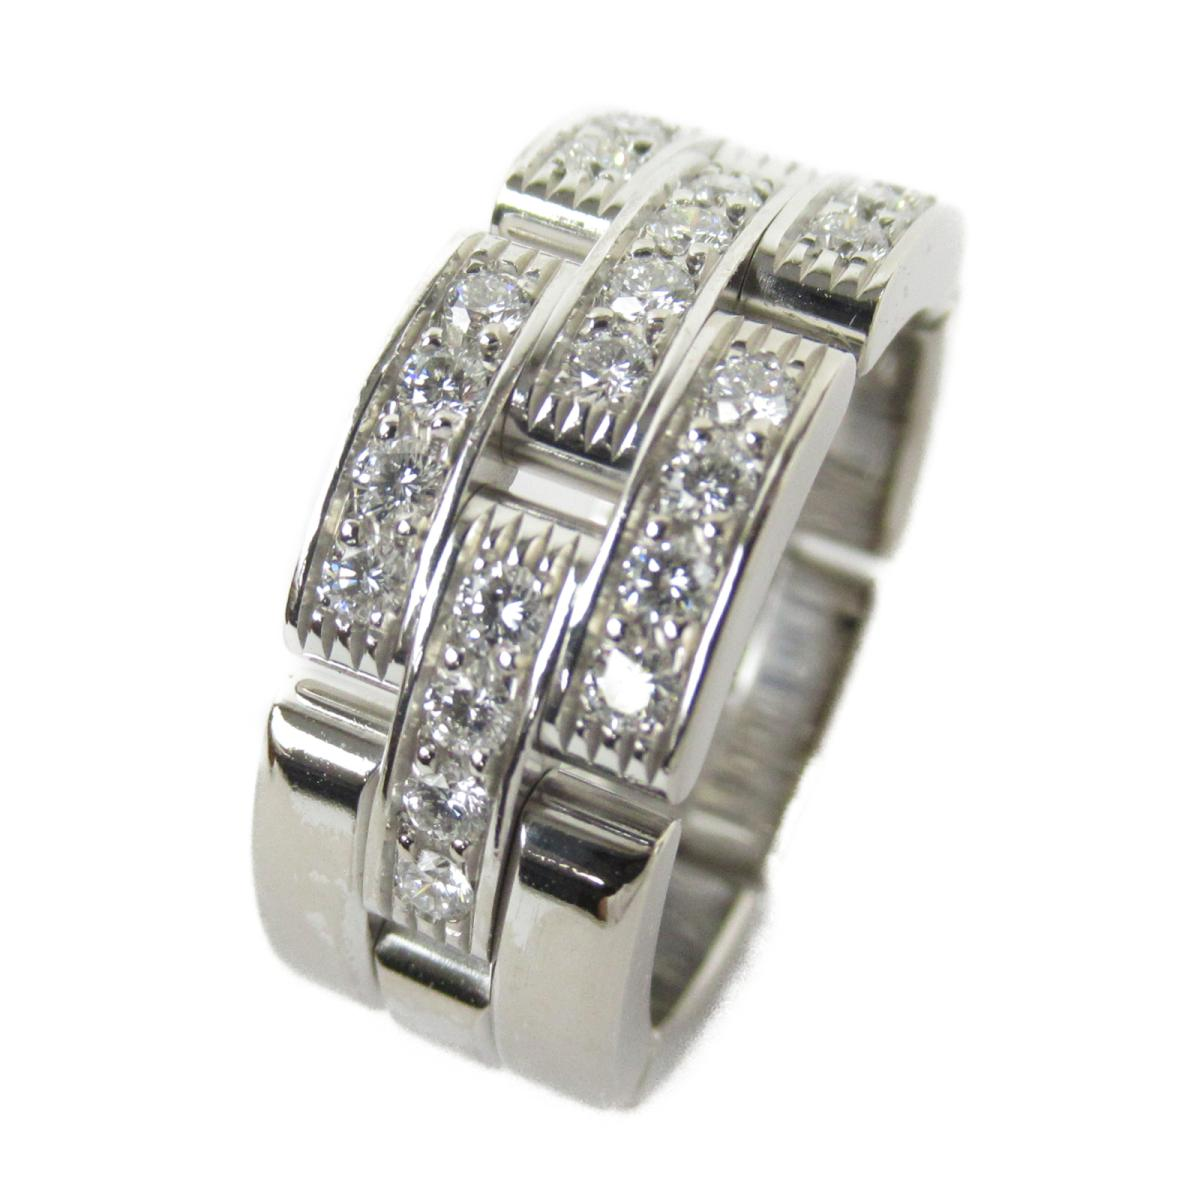 カルティエ マイヨンパンテールリング ハーフダイヤモンド リング 指輪 ブランドジュエリー レディース K18WG (750) ホワイトゴールド x ダイヤモンド 【中古】 | ブランド